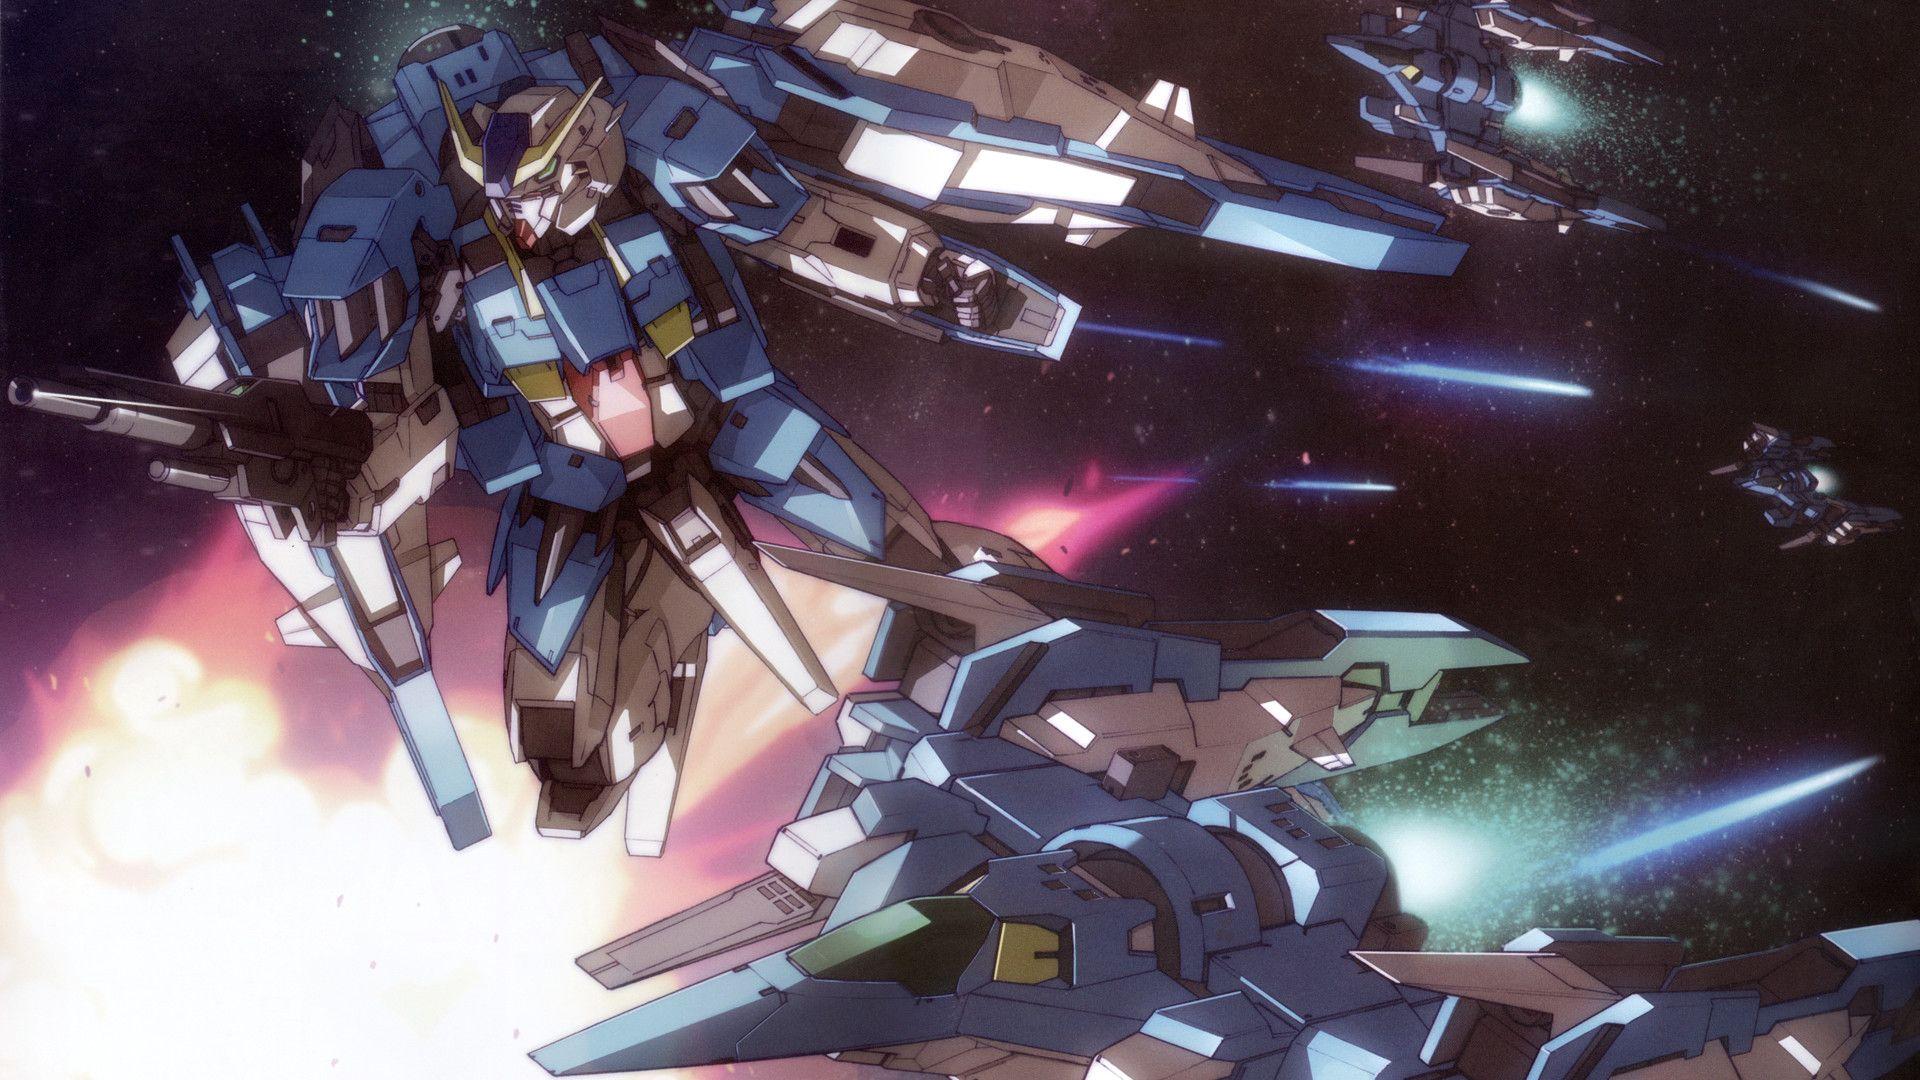 1920x1080 Gundam Wallpaper 1080p Gundam Wallpapers Gundam Gundam Art